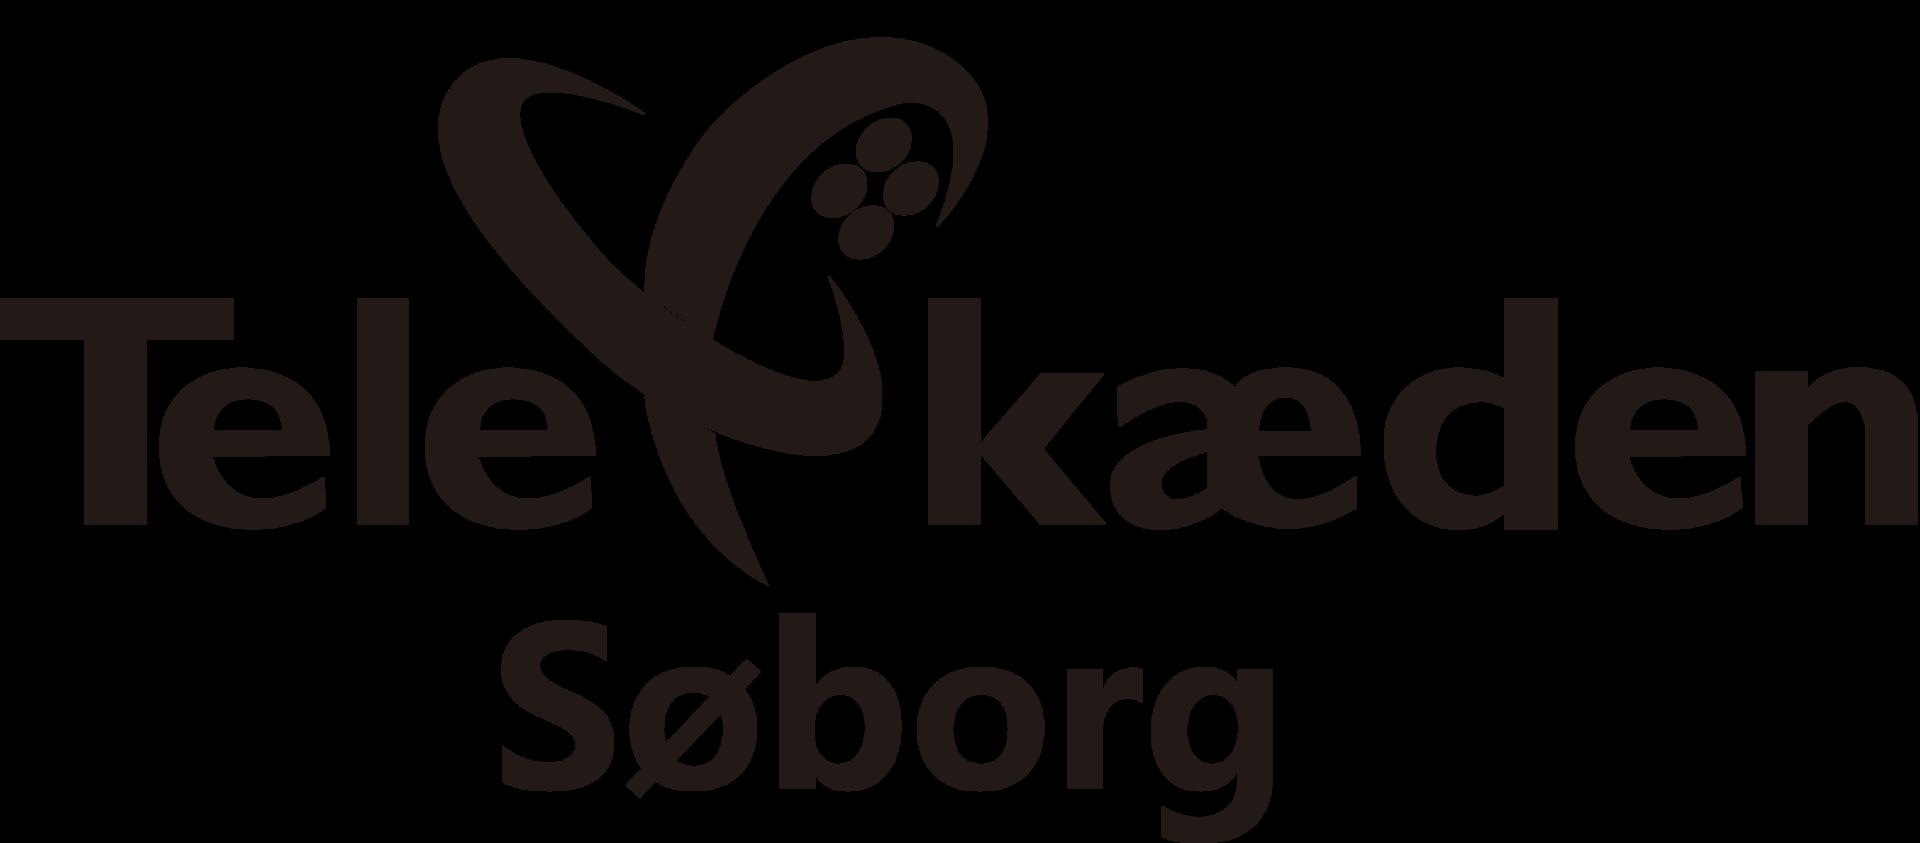 Telekæden Søborg og iSave.dk billigste tilbehør på nettet